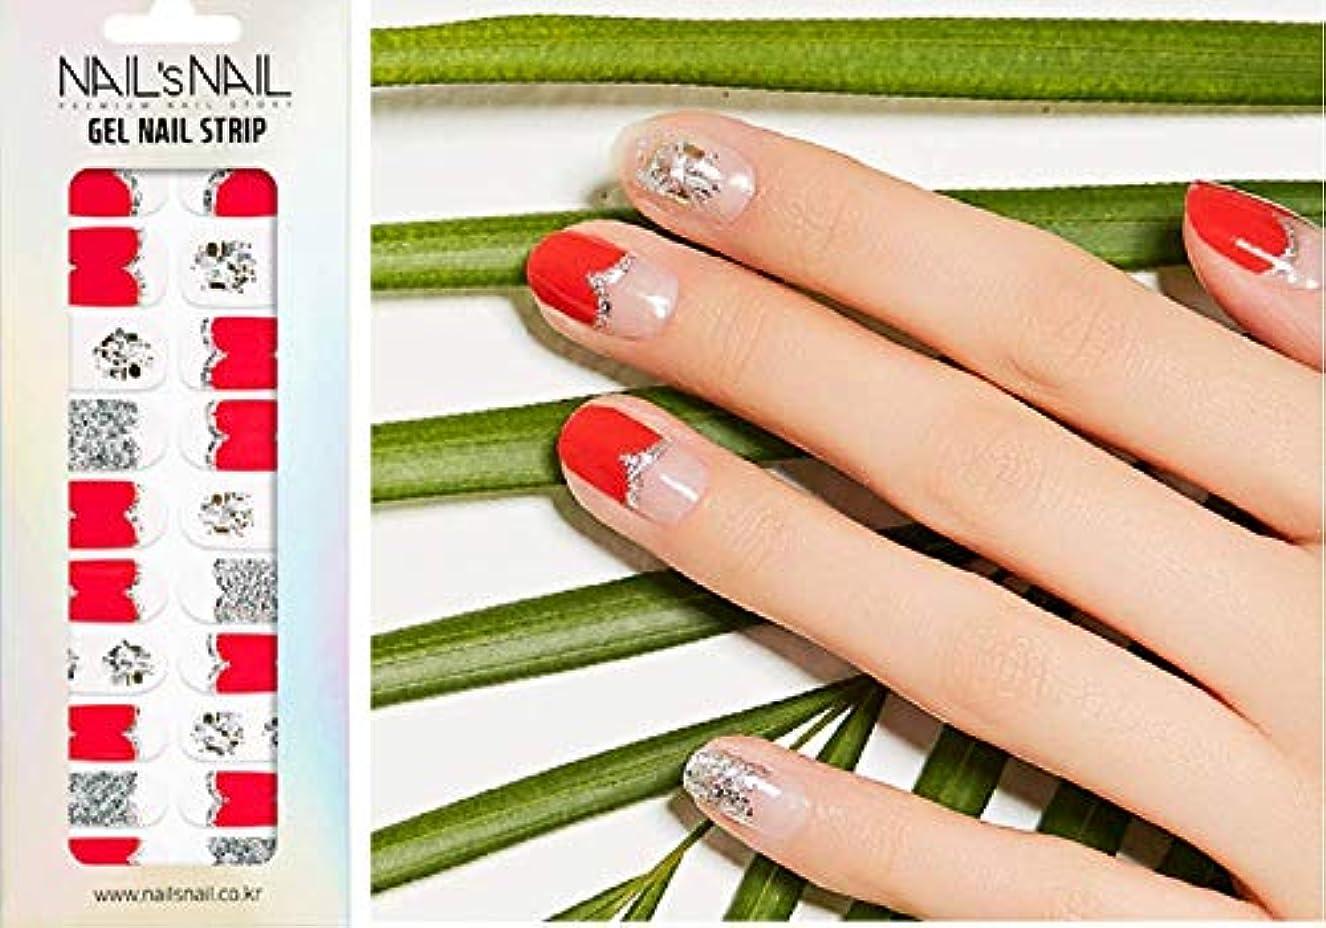 セージ障害枯れる\貼るジェルネイル/Nail's Nail(ネイルスネイル) ジェルネイルストリップ 137